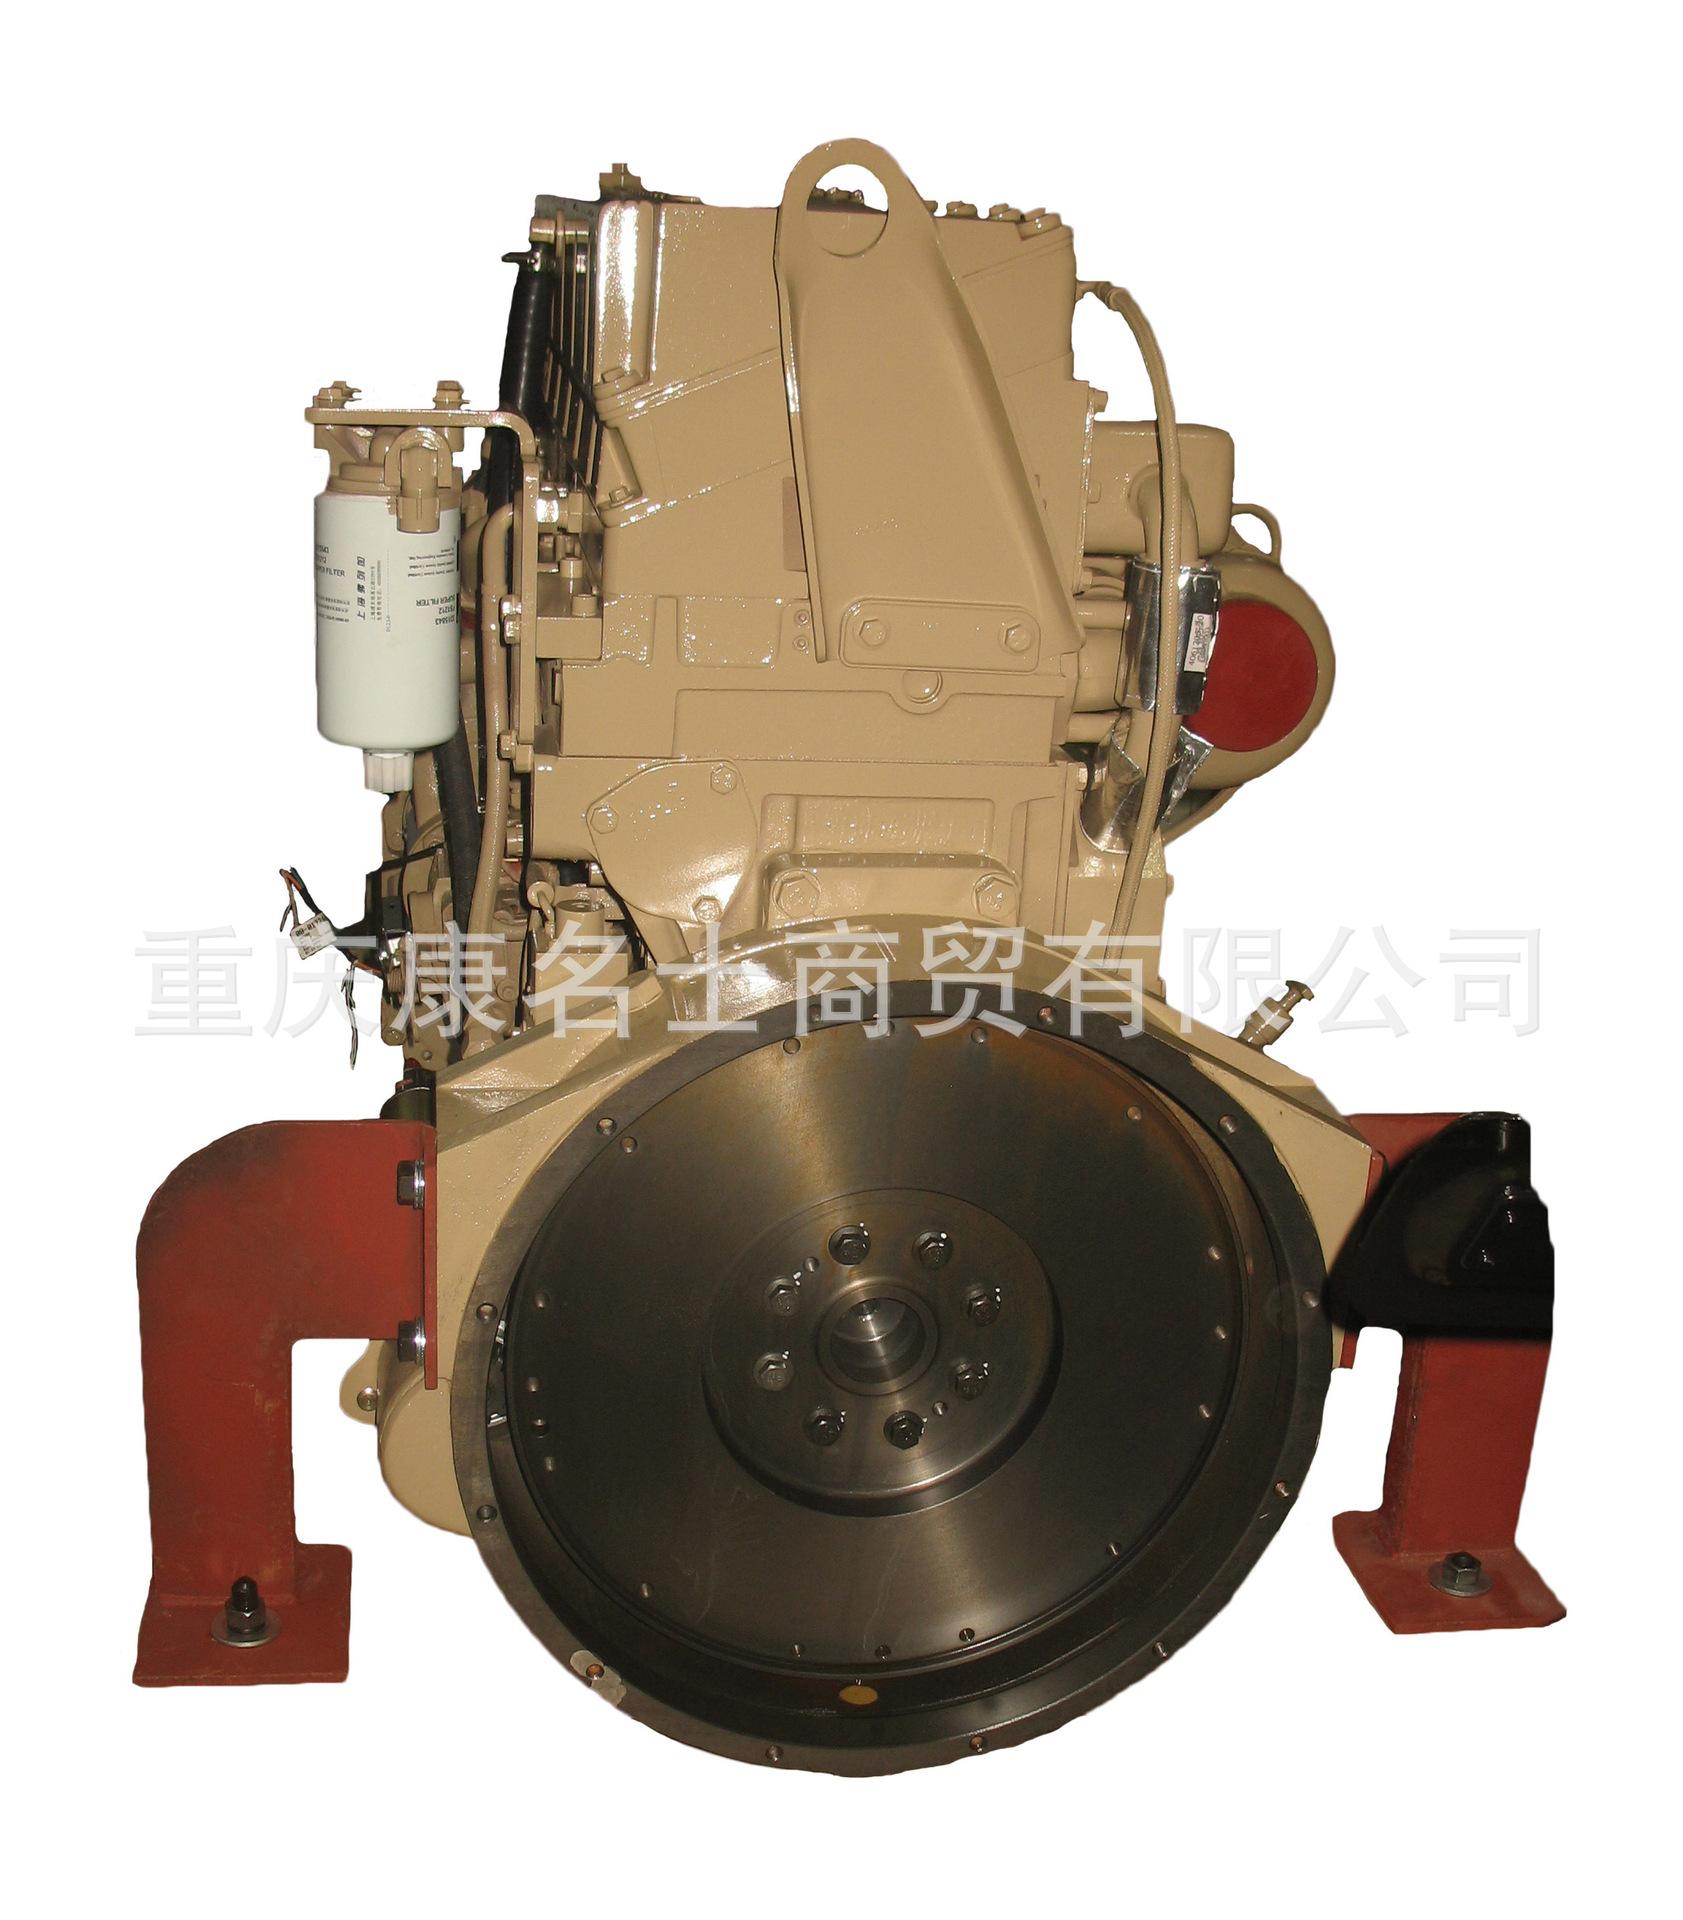 4931803康明斯发动机风扇B3.9-P发动机配件厂价优惠